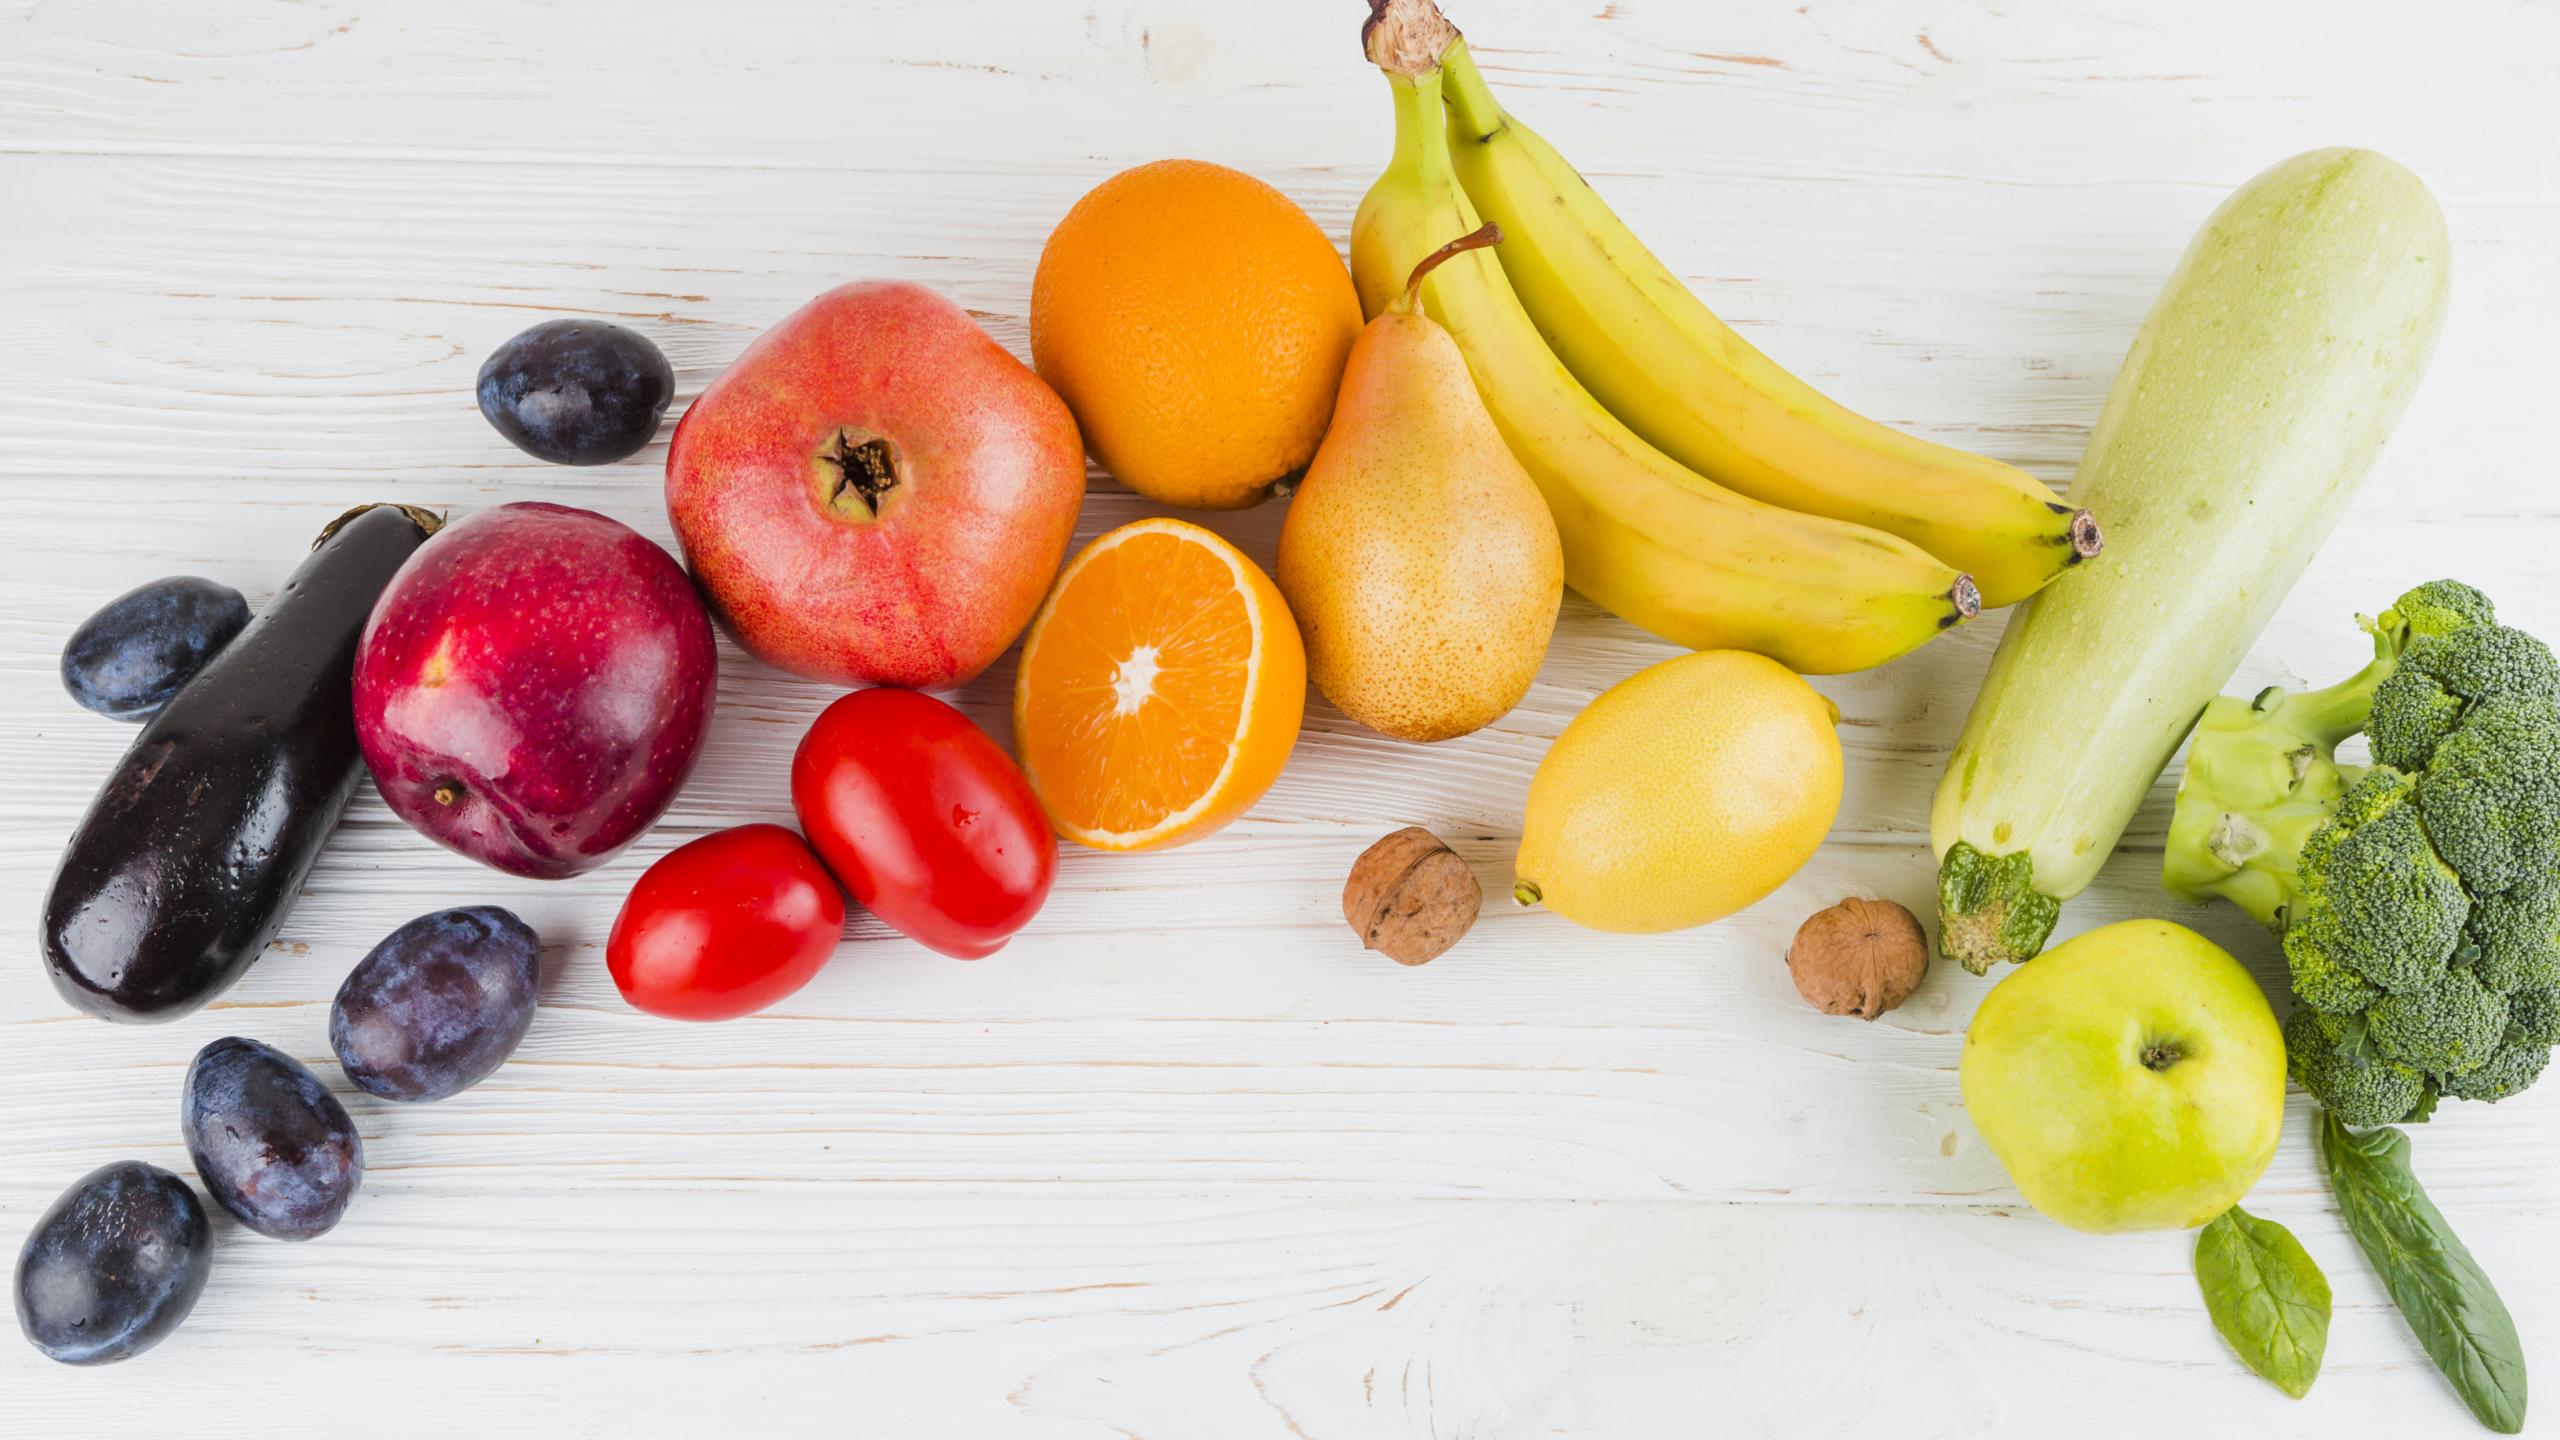 Colori e stagionalità di frutta e verdura